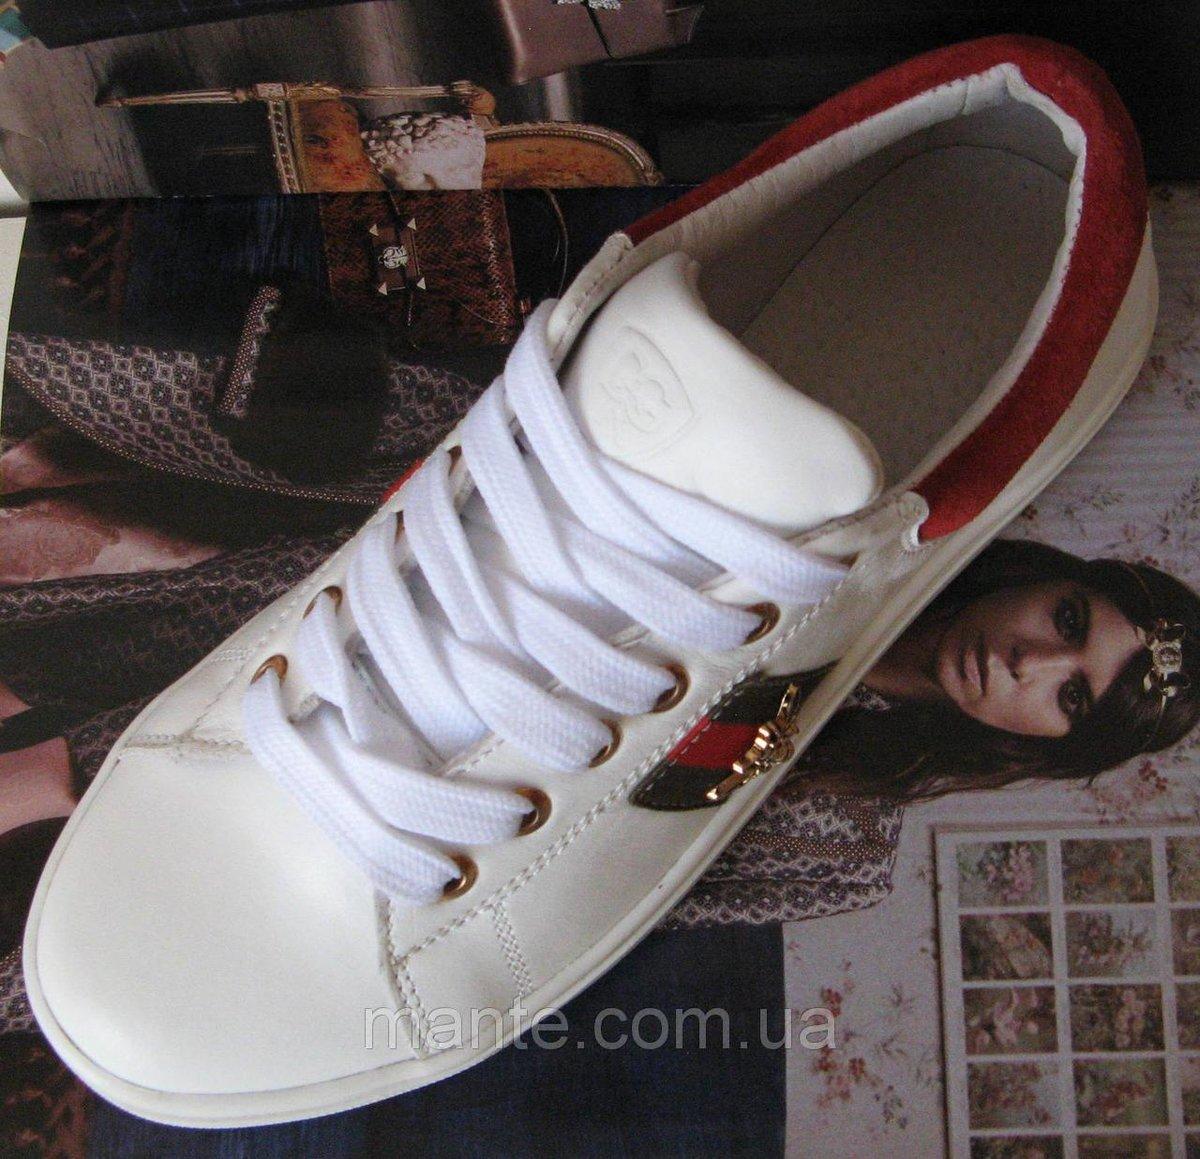 451ab8534694 Ботинки зимние Gucci женские. Купить женские ботинки (Гуччи) в интернет- магазине Подробнее